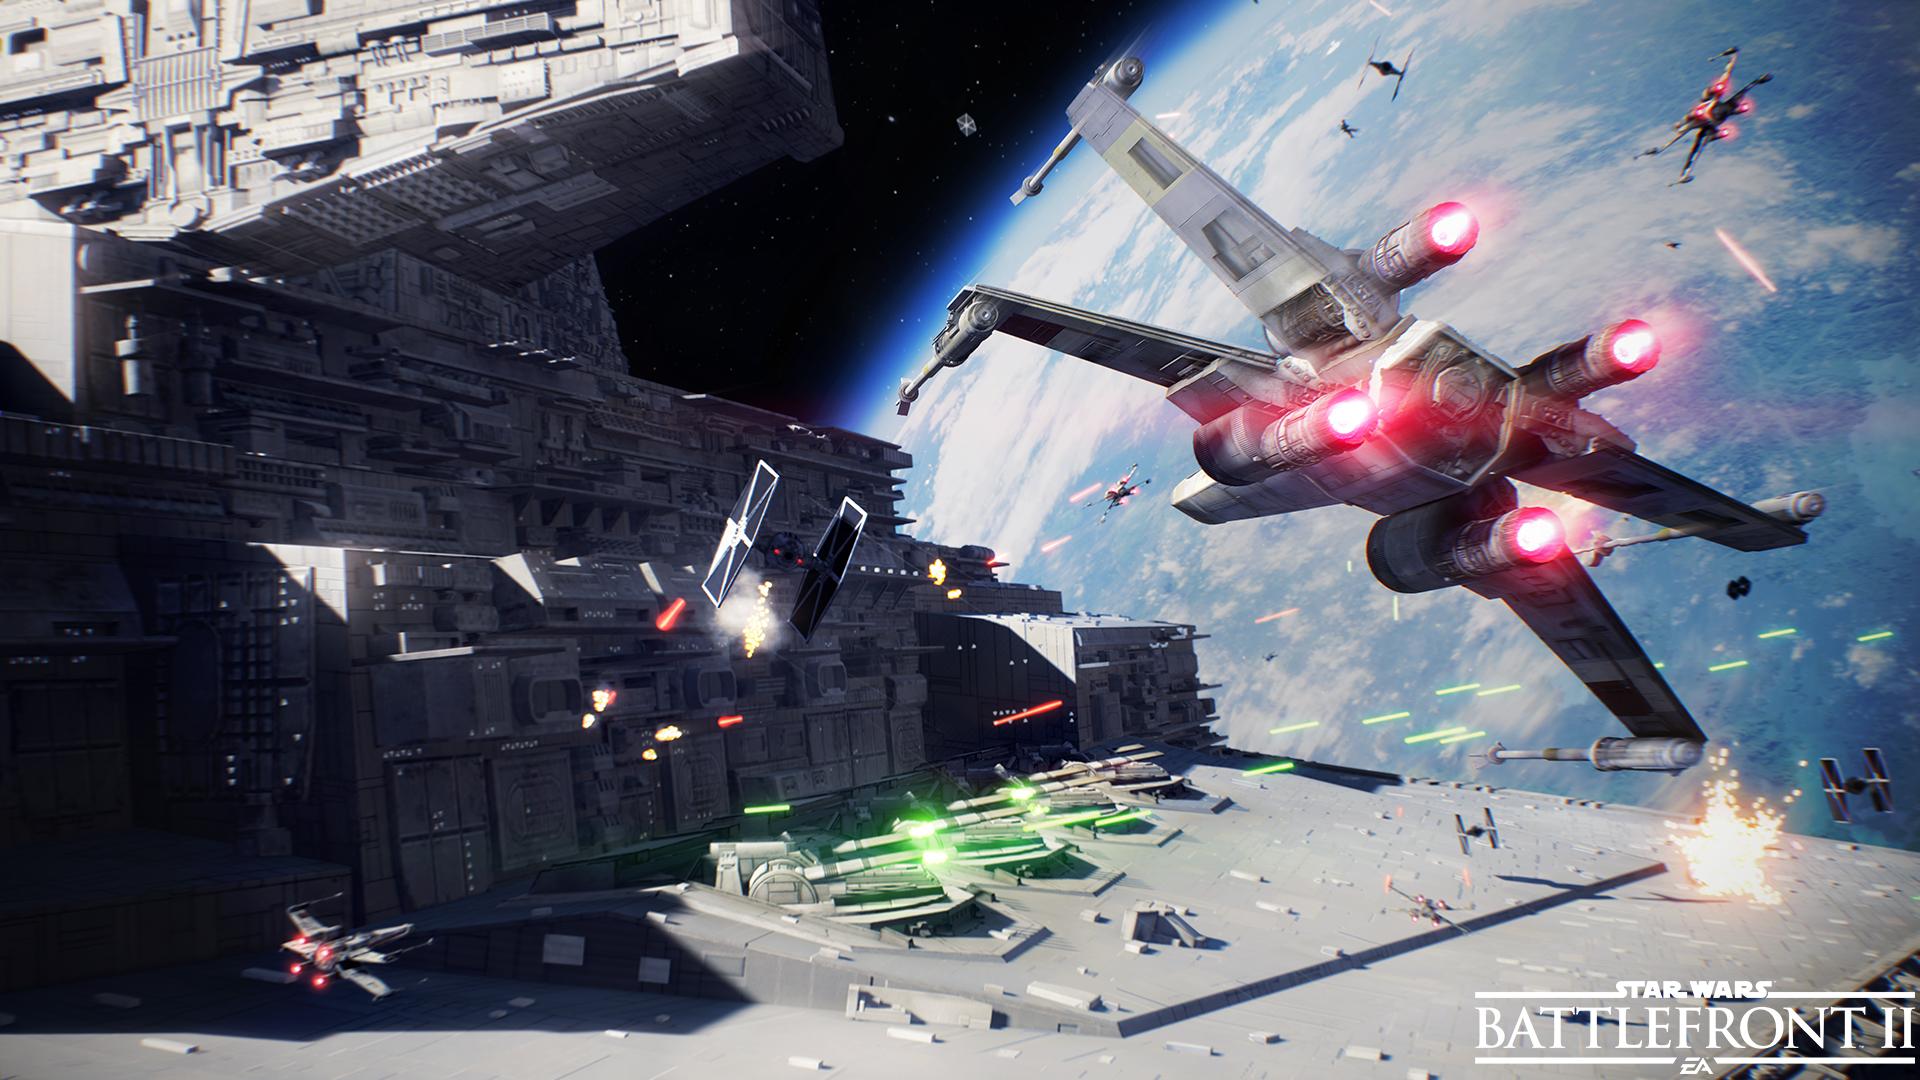 Gamescome 2017   تریلر جدیدی از نبرهای هوایی Star Wars: Battlefront II به نمایش گذاشته شد